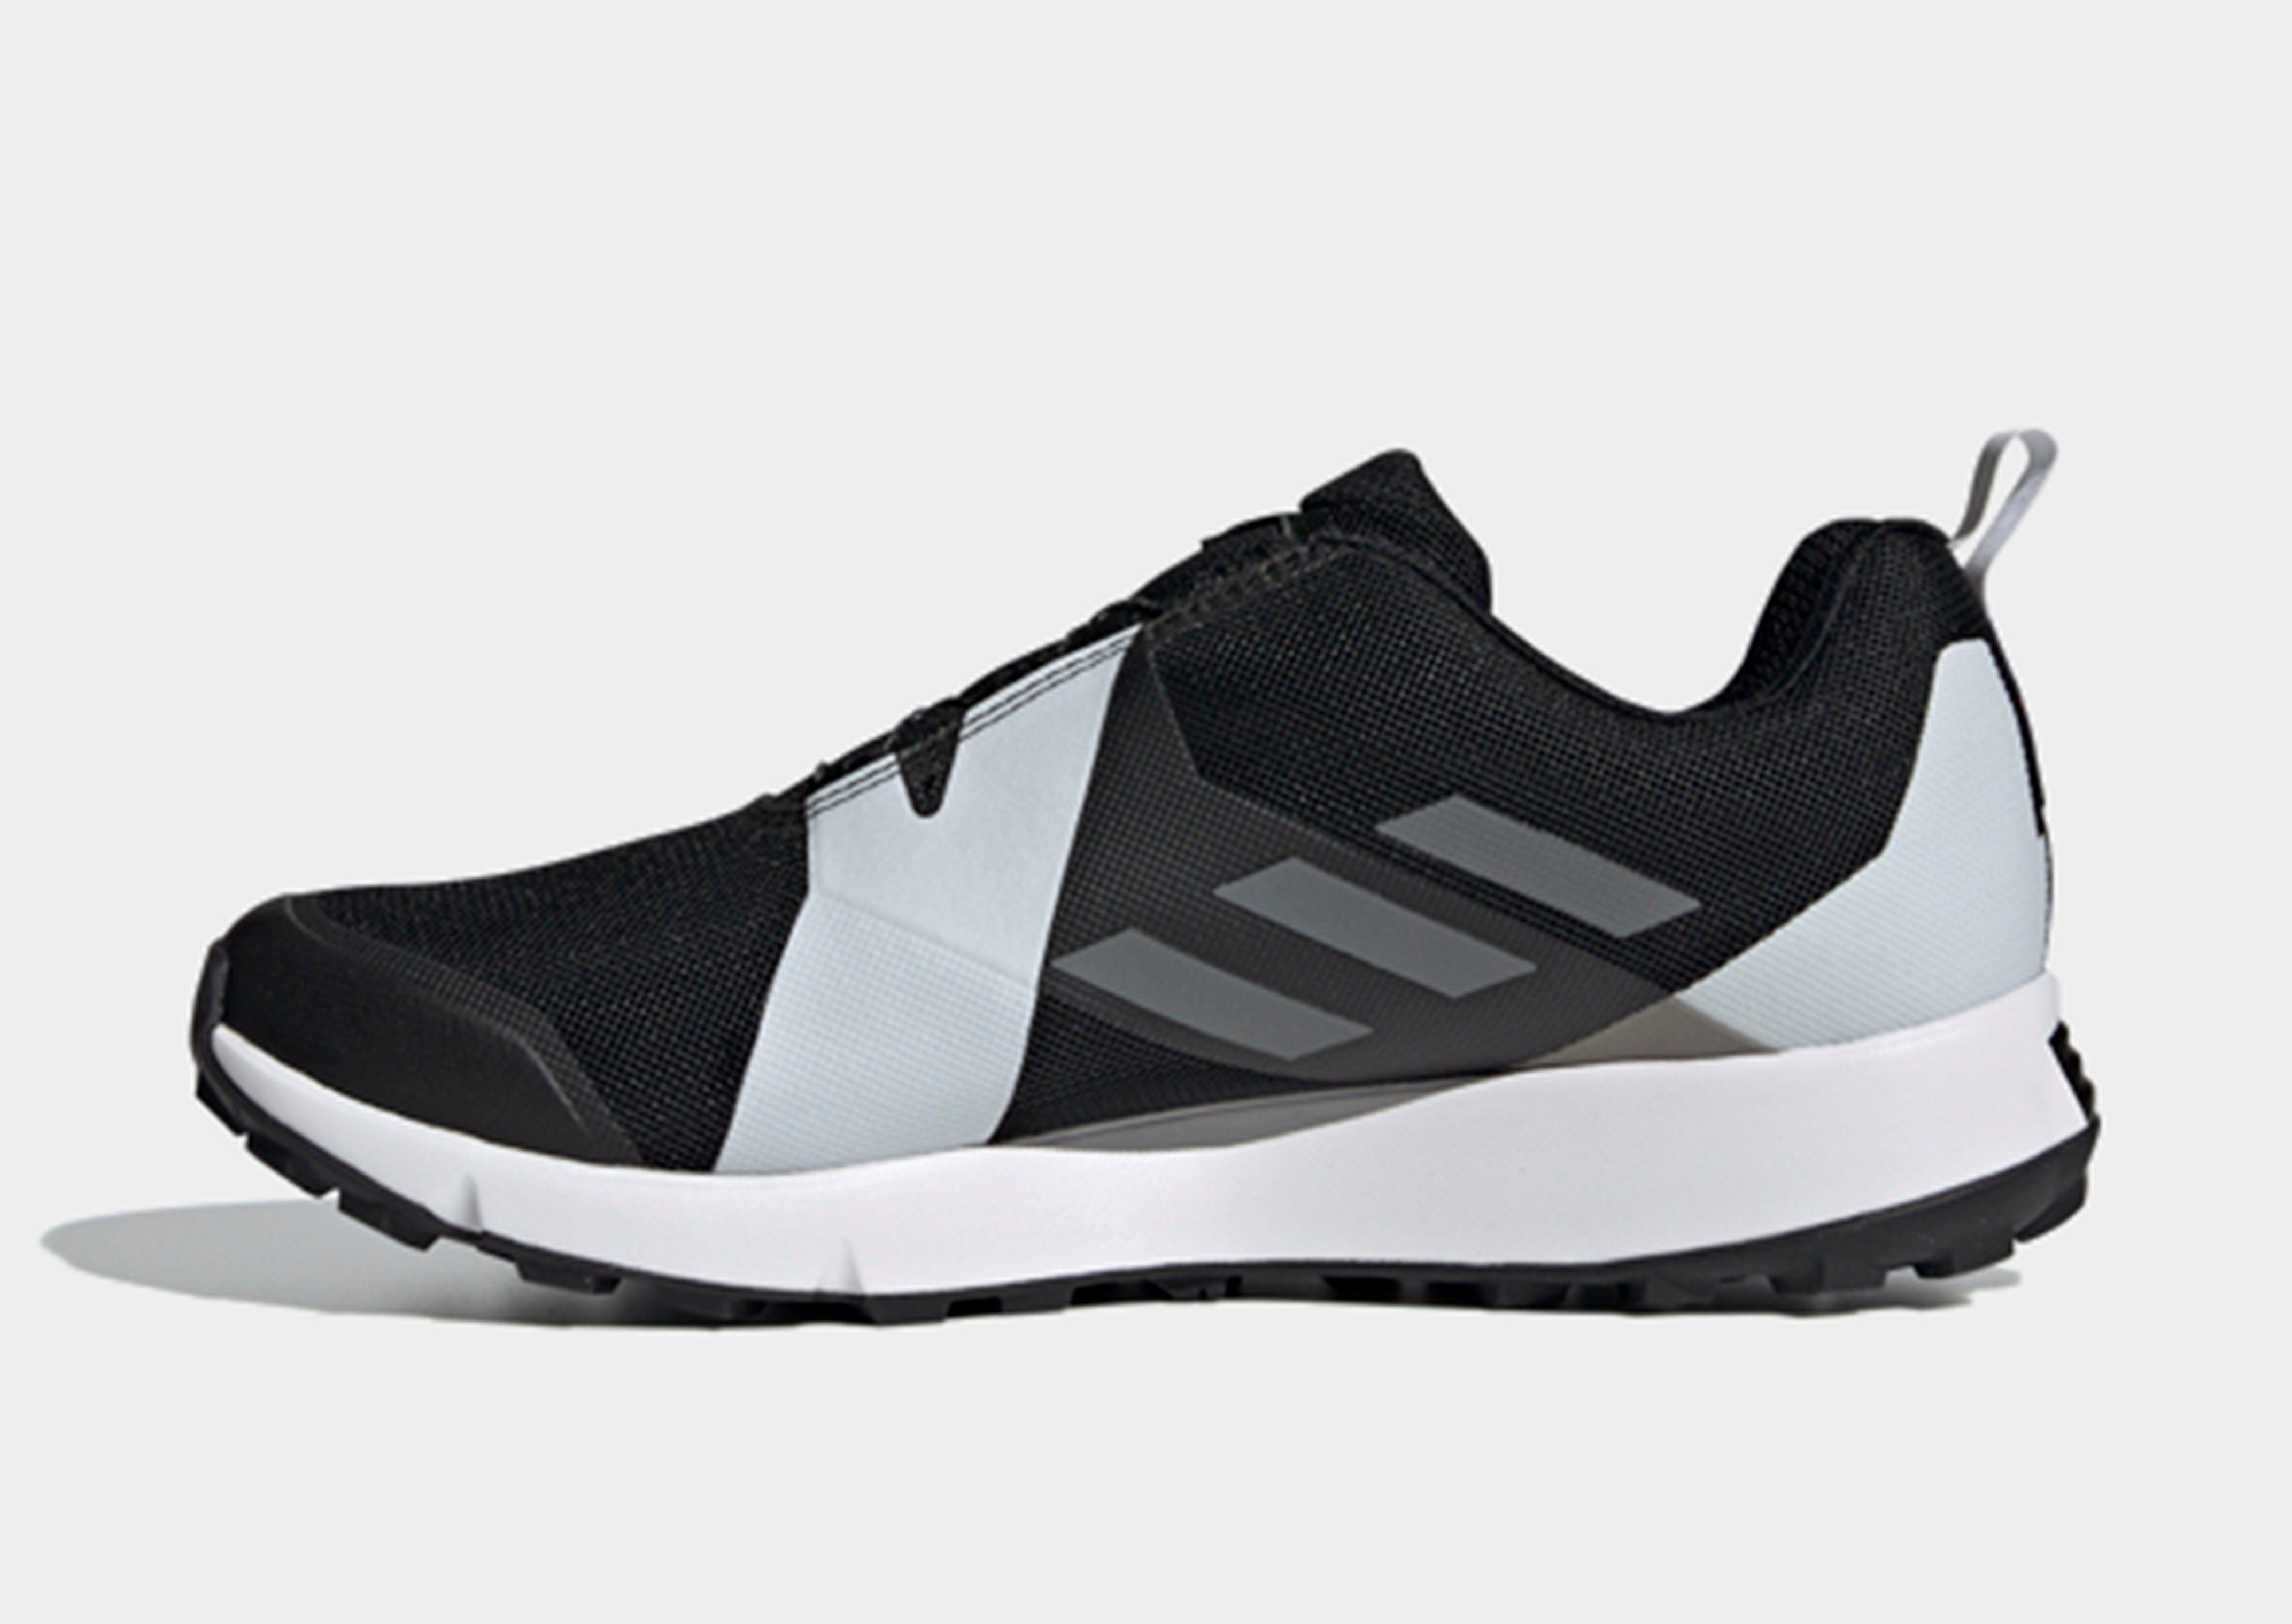 b789763ce063 ADIDAS Terrex Two Boa GTX Shoes